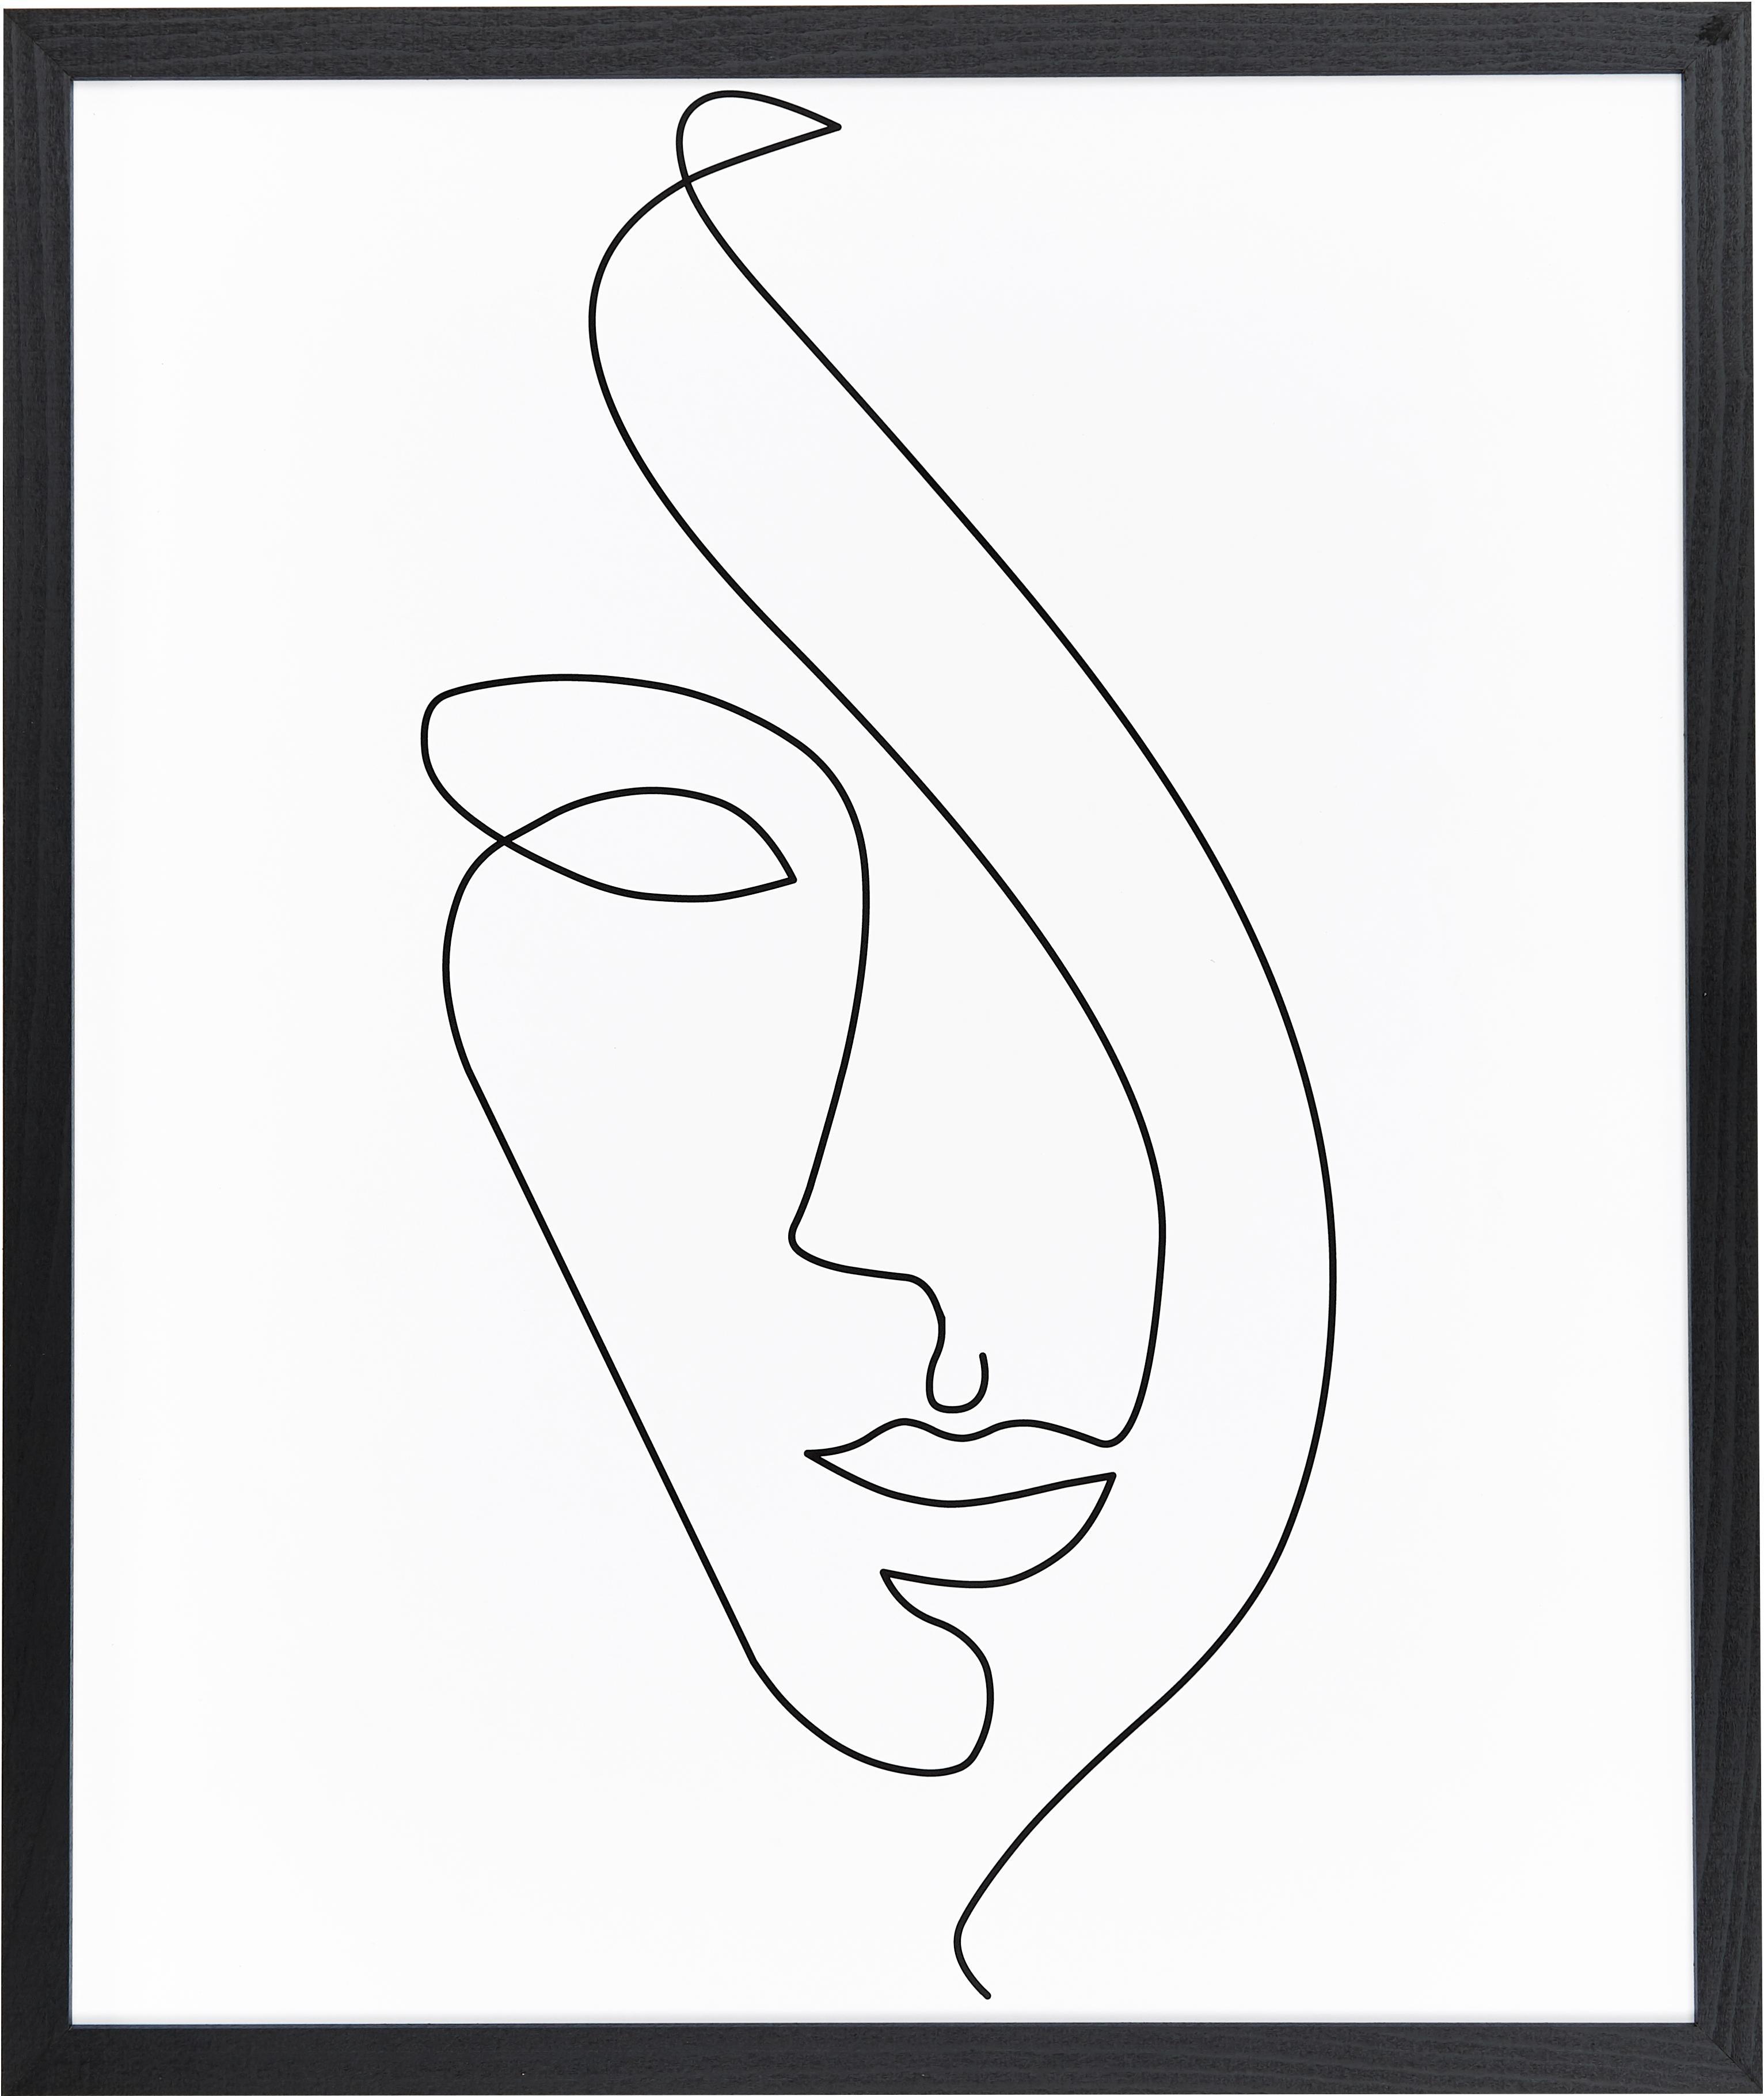 Stampa digitale incorniciata Abstract Face, Cornice: legno di faggio verniciat, Immagine: stampa digitale su carta,, Cornice: nero, Larg. 53 x Alt. 63 cm